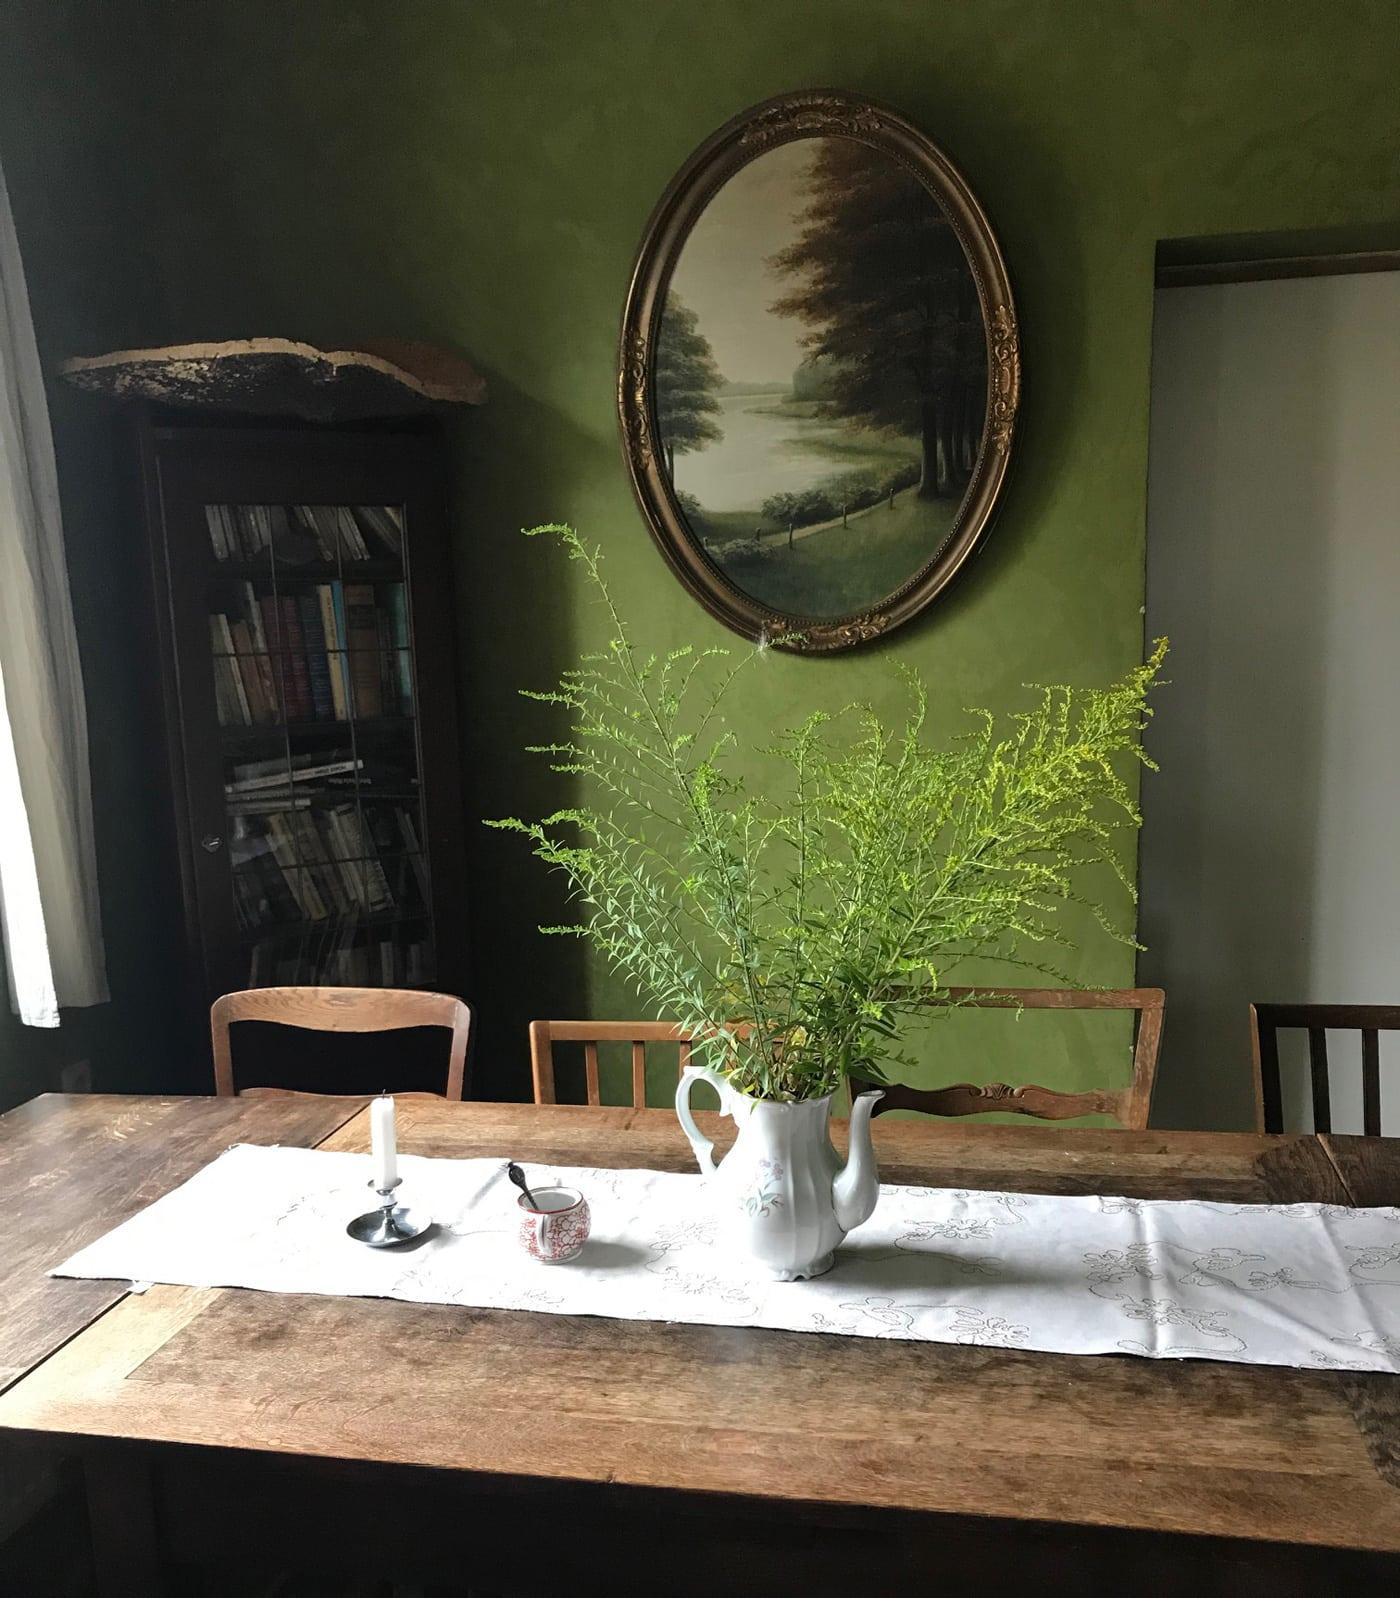 Schöner Gasthof in Brandenburg: Zum grünen Baum // HIMBEER